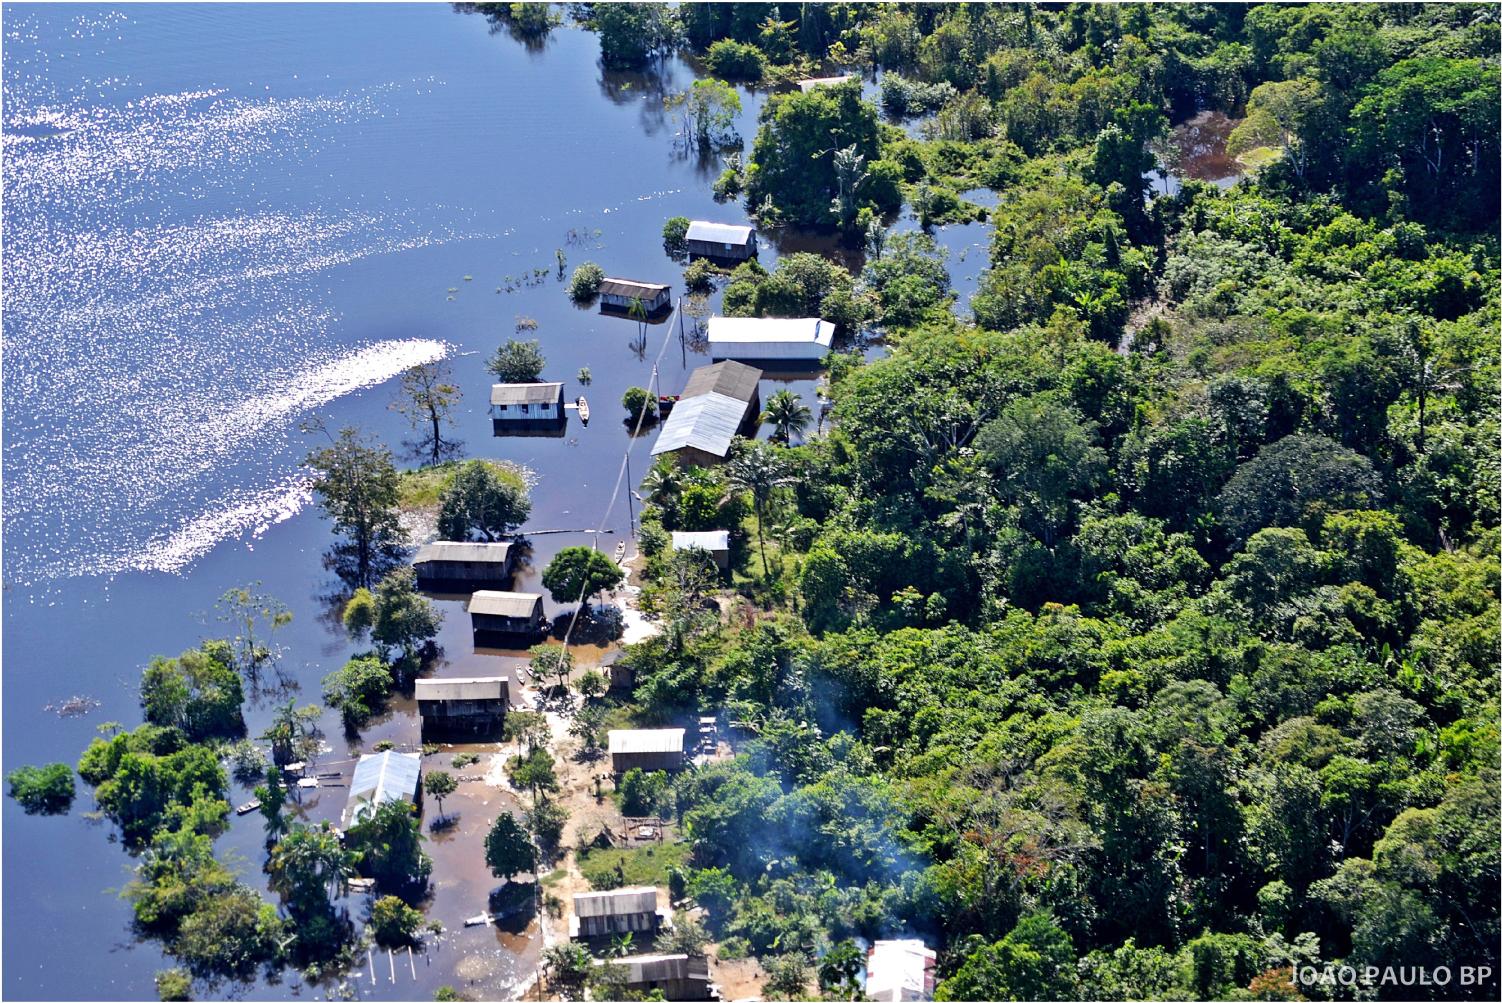 Cerimônia marca início de projeto que irá beneficiar mais de 100 famílias que moram em comunidades ribeirinhas da Amazônia